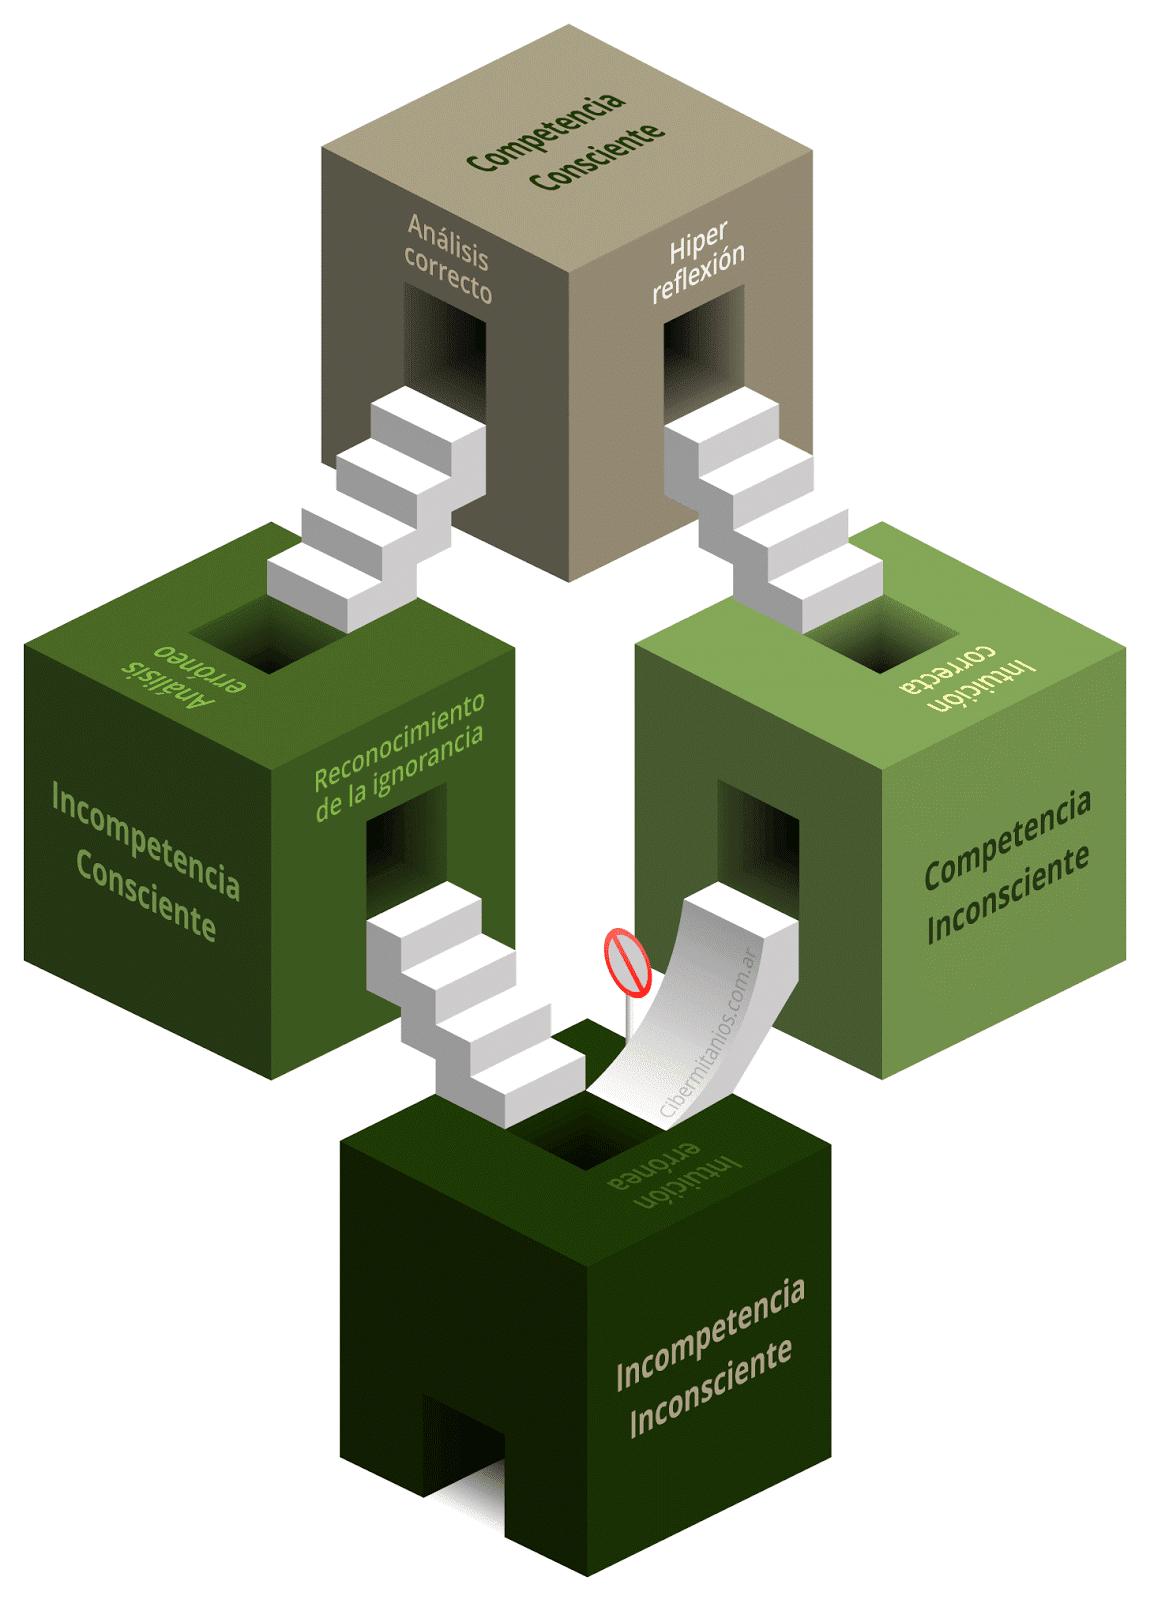 Reinos de competencias de Escher-Humphrey-Ayreonauta